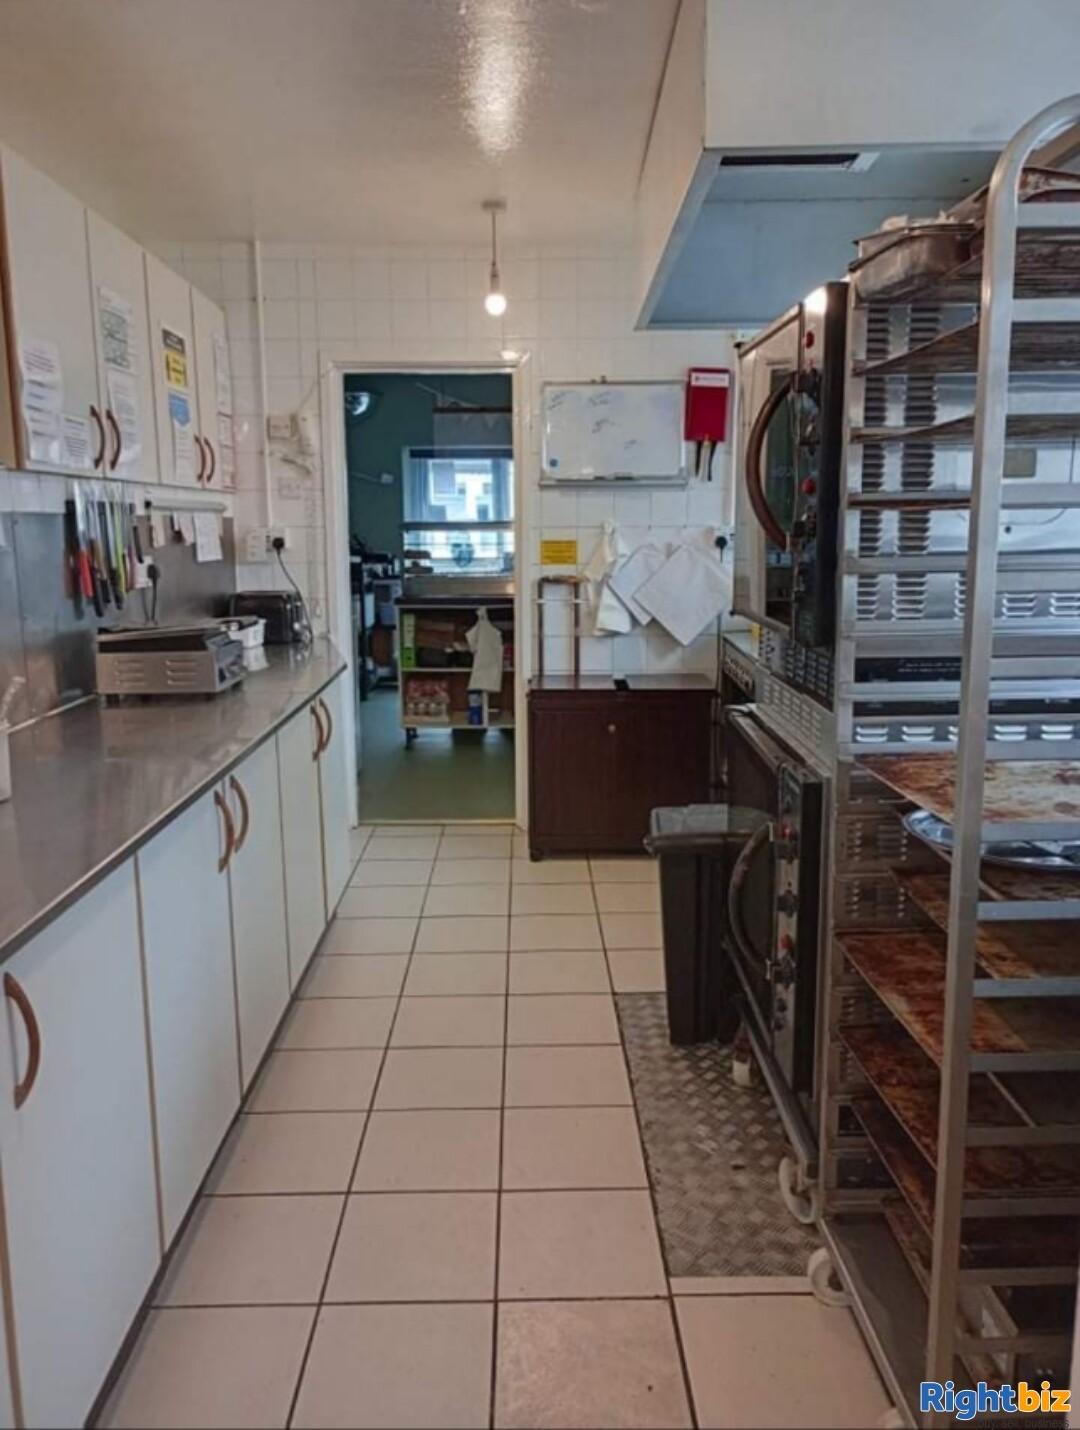 Sandwich shop for sale in Bolton-le-Sands, Lancashire - Image 6